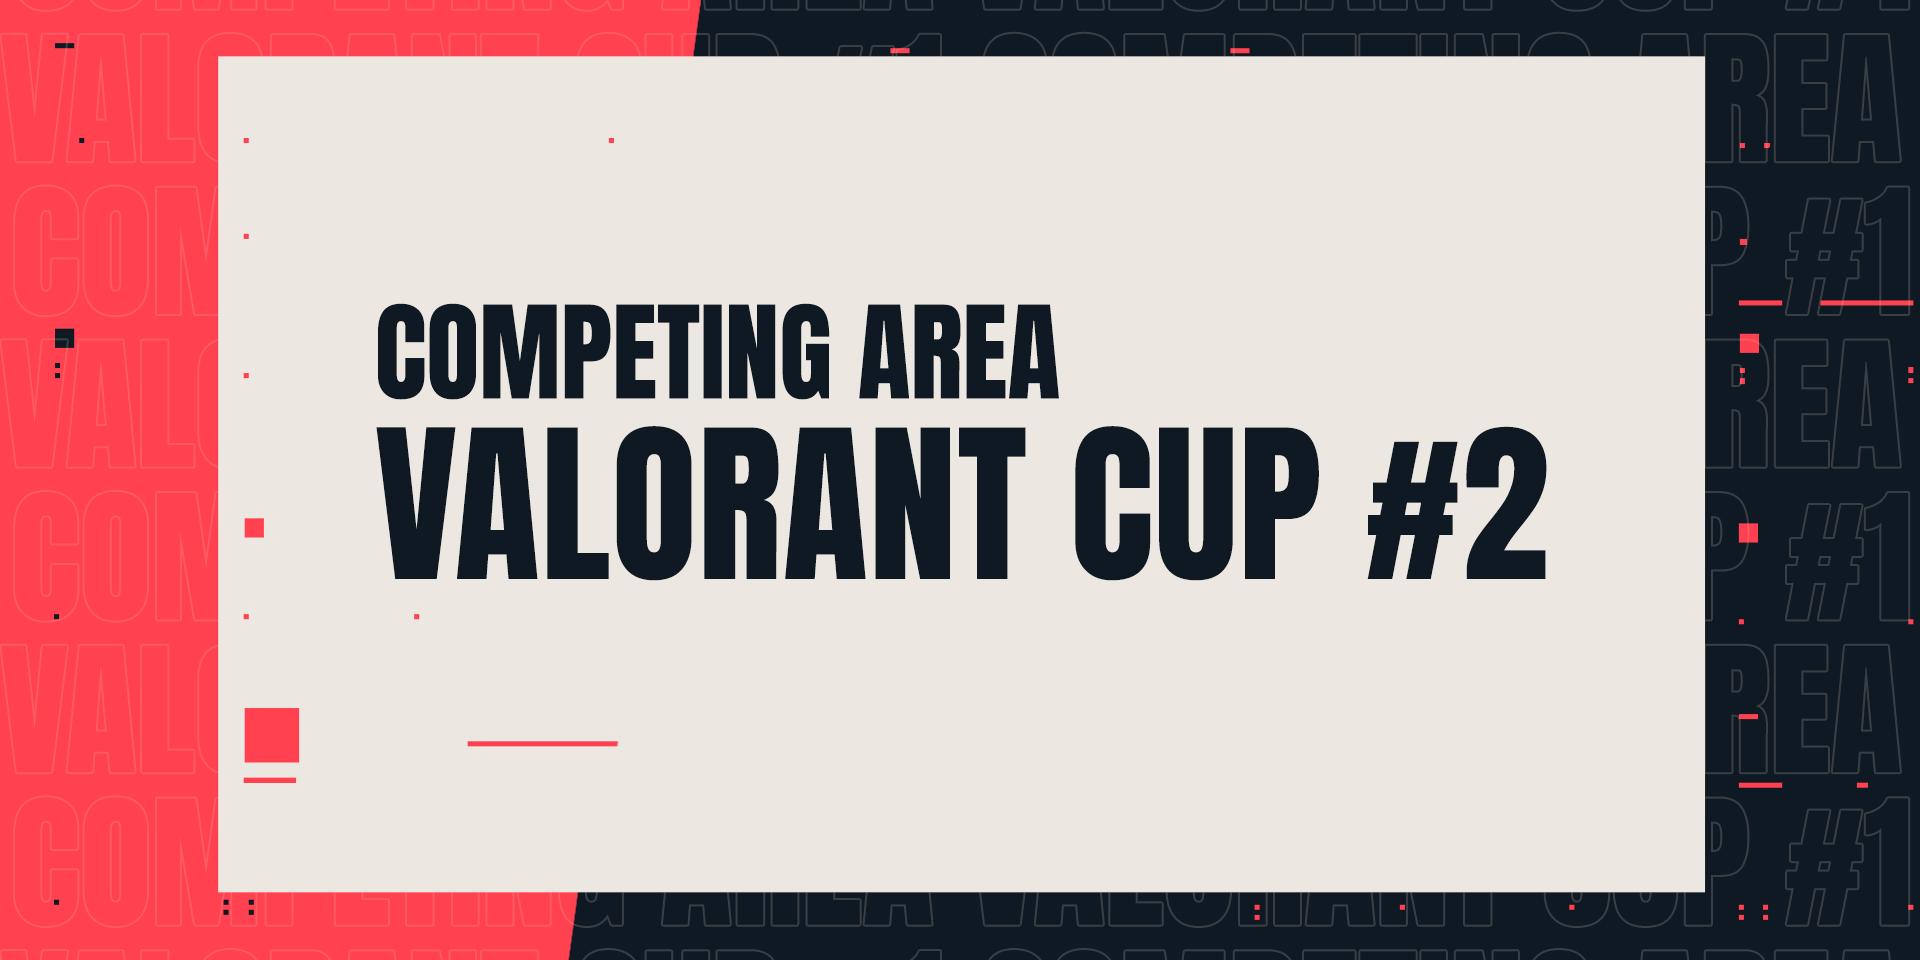 Competing Area Valorant Cup #2 Başlamak Üzere!